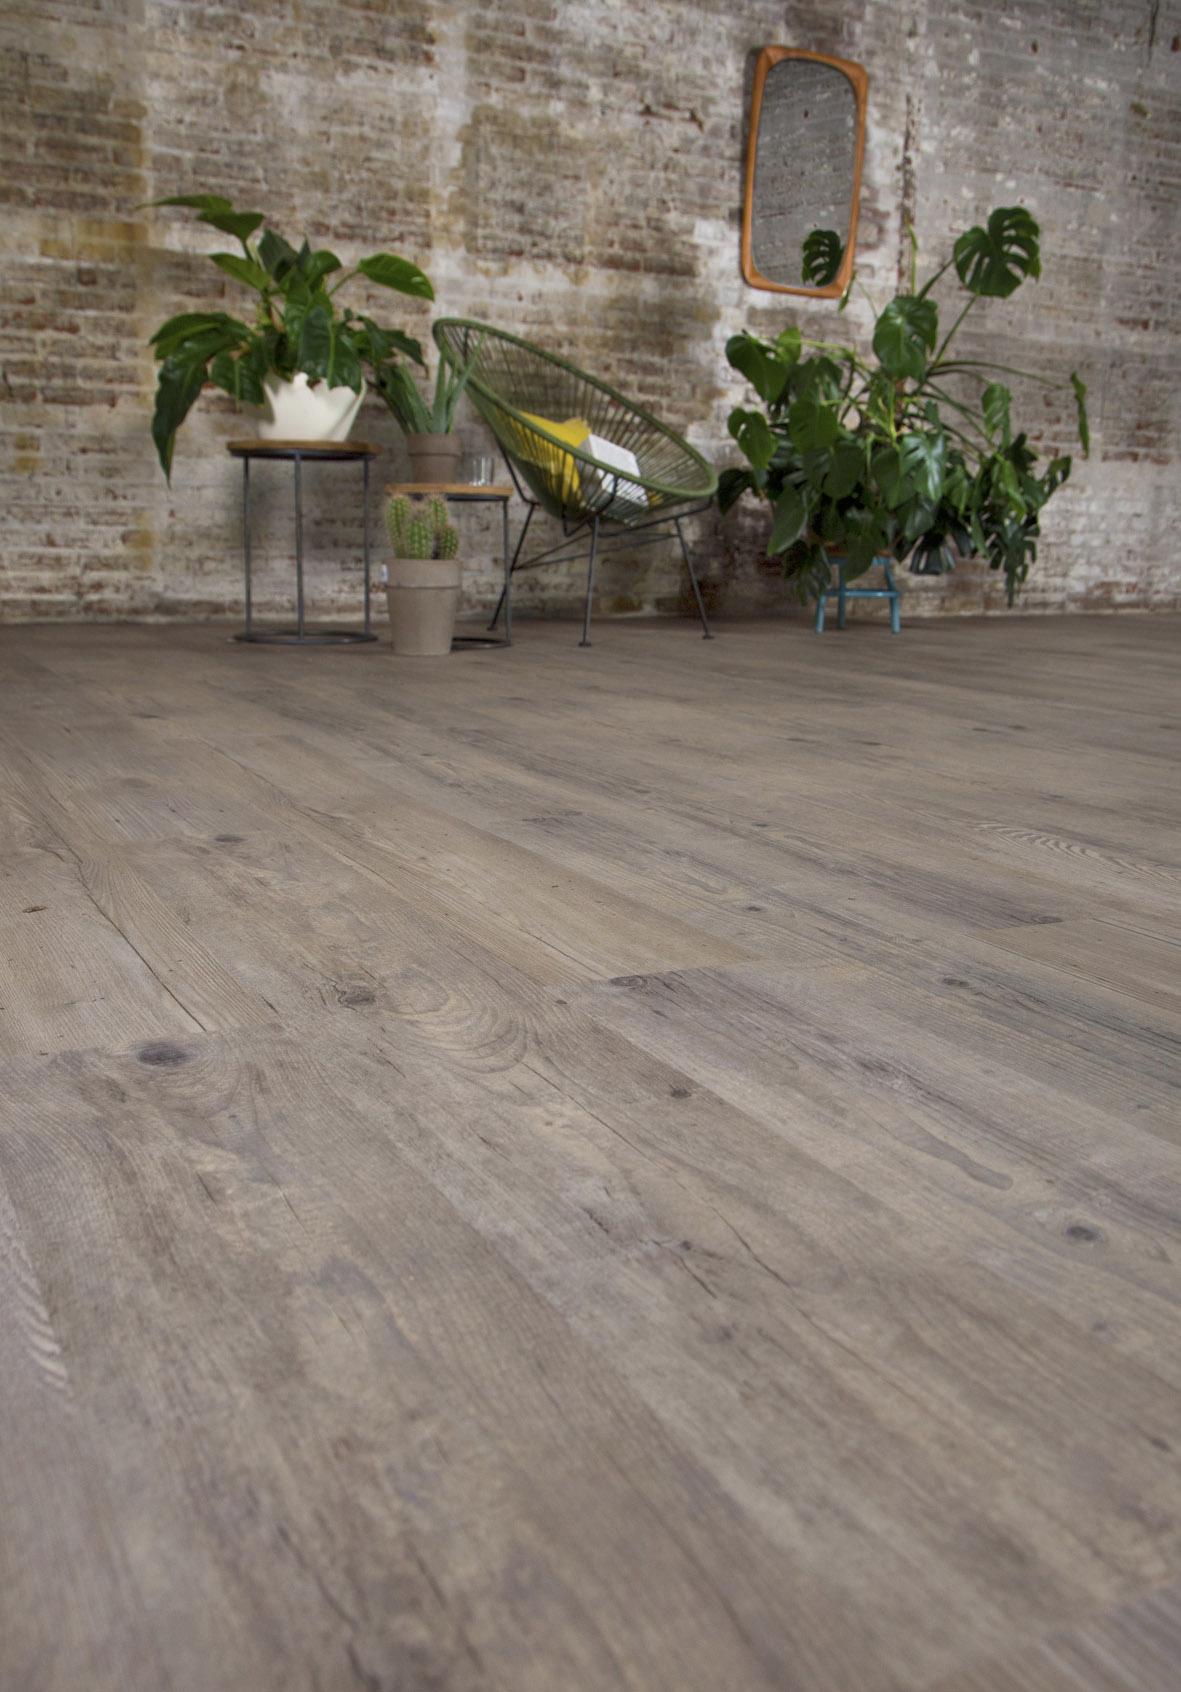 Levendig houtstructuur PVC vloer voor in een industriële en botanische inrichting.